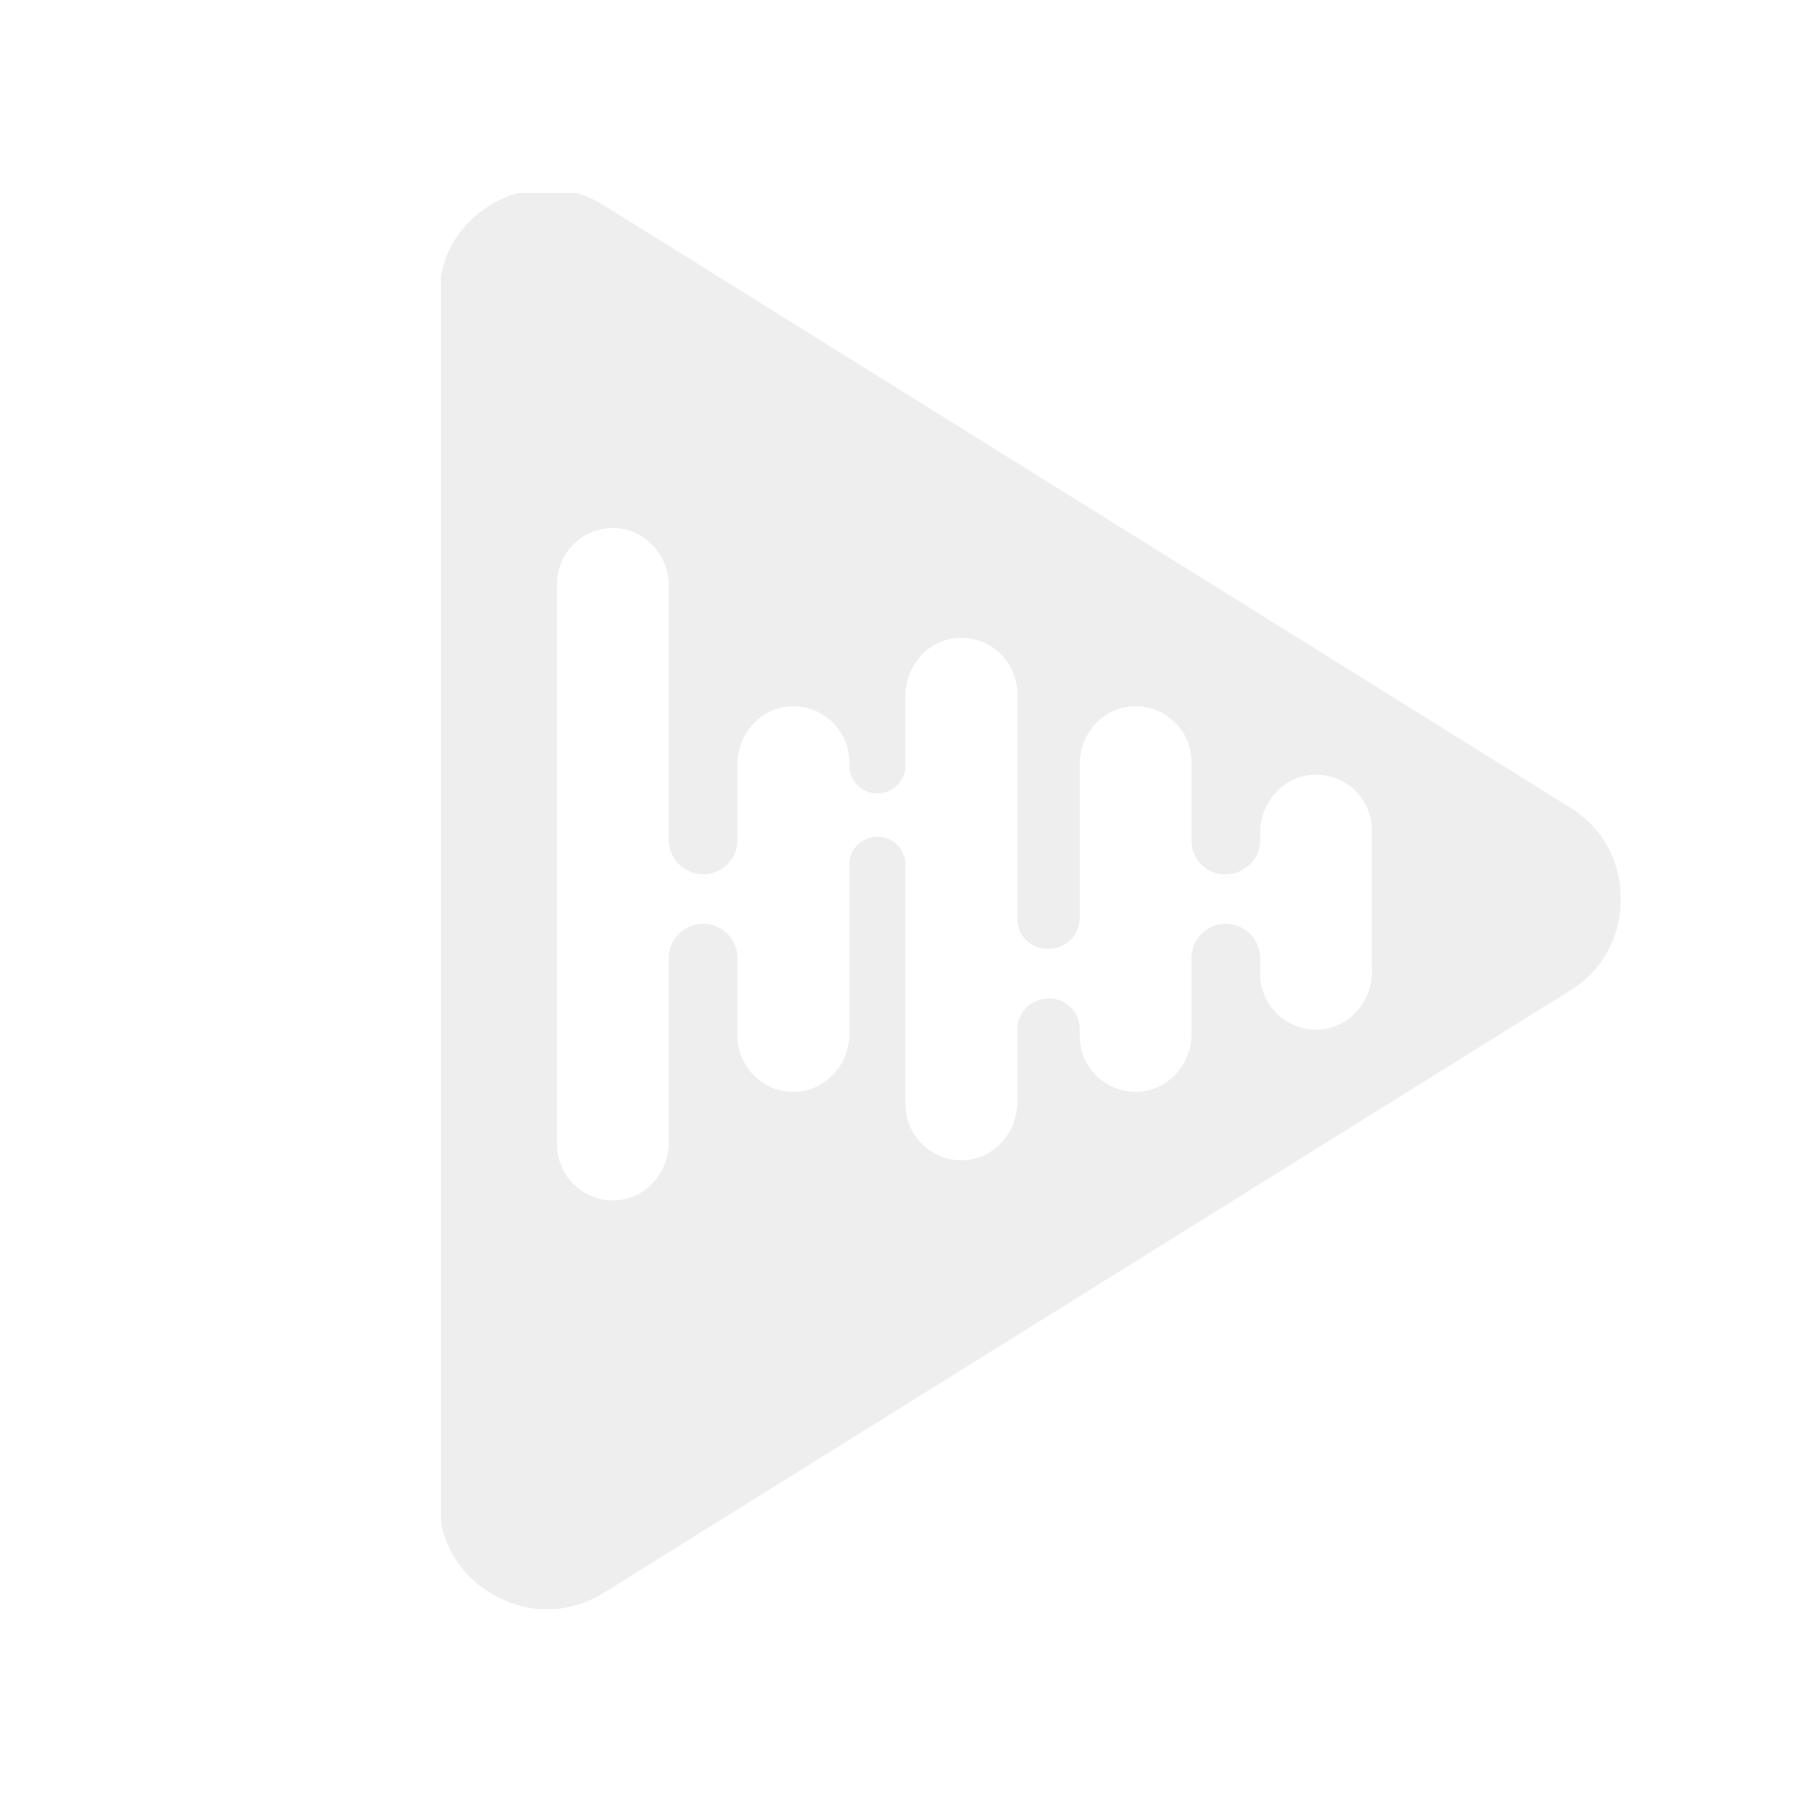 Skoddejuice Orange Aroma